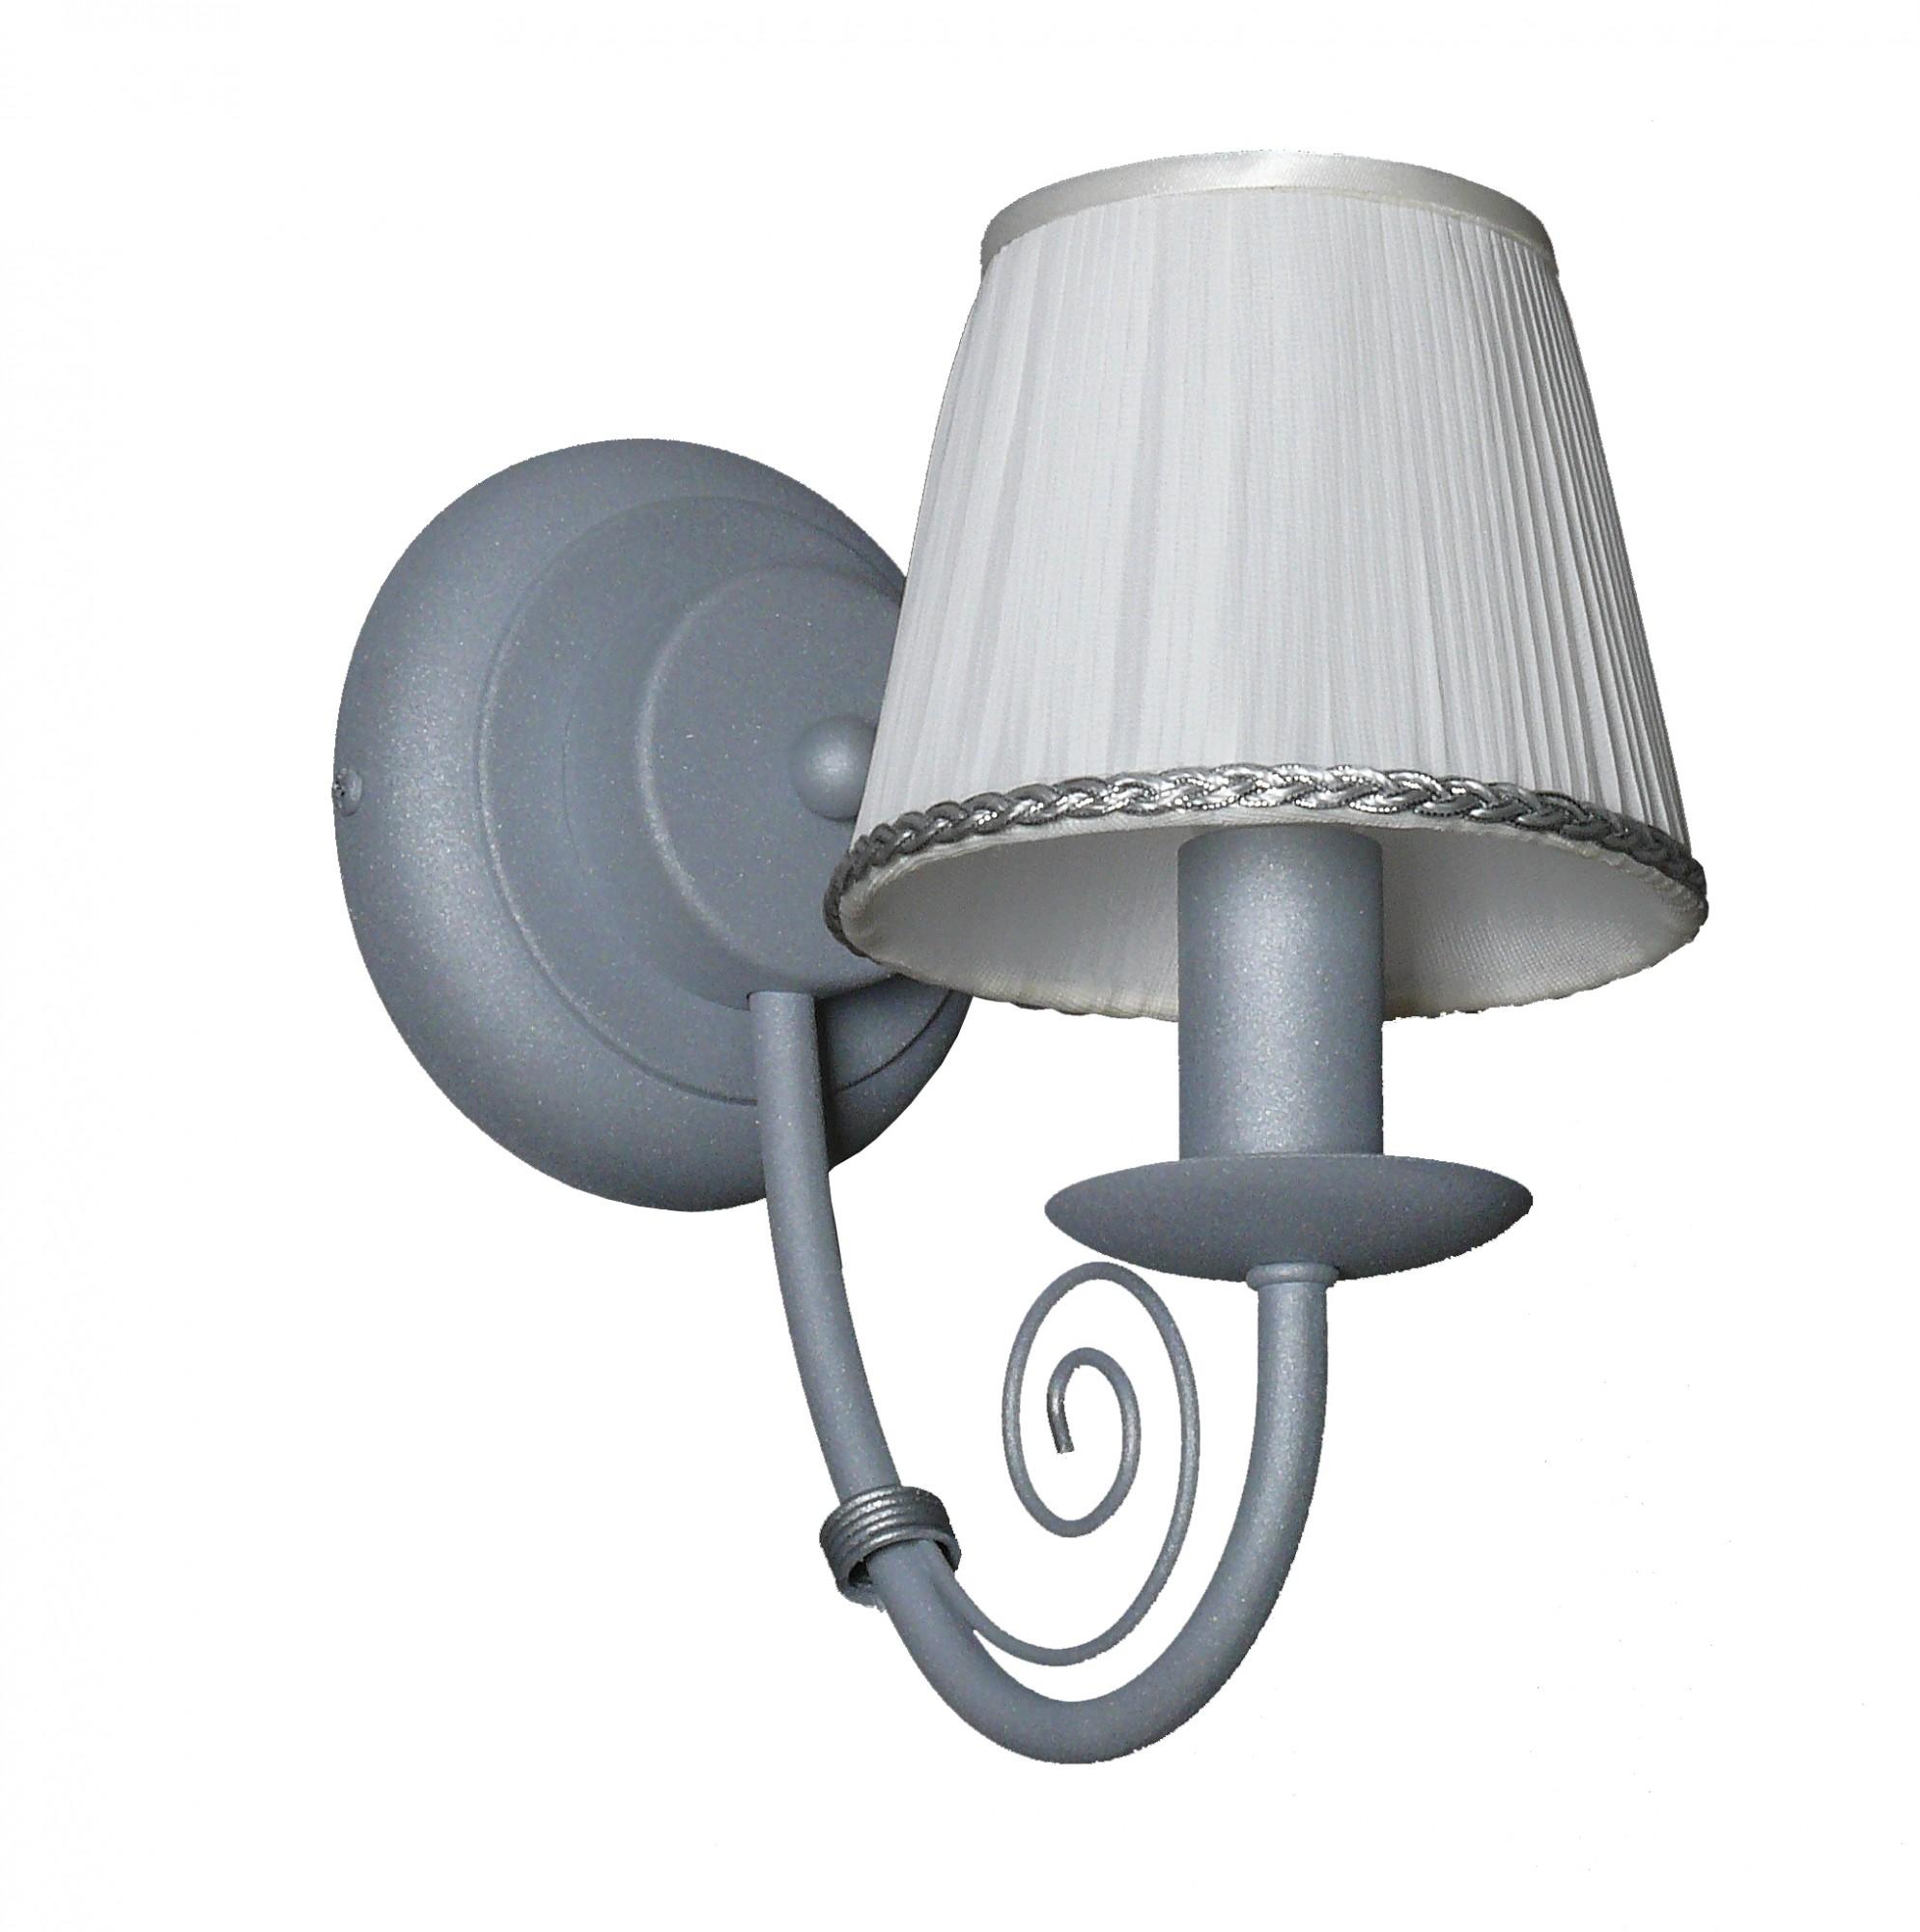 Светильник настенный АВРОРА Марго 2 10037-1b светильник настенный аврора лагуна 10023 1b